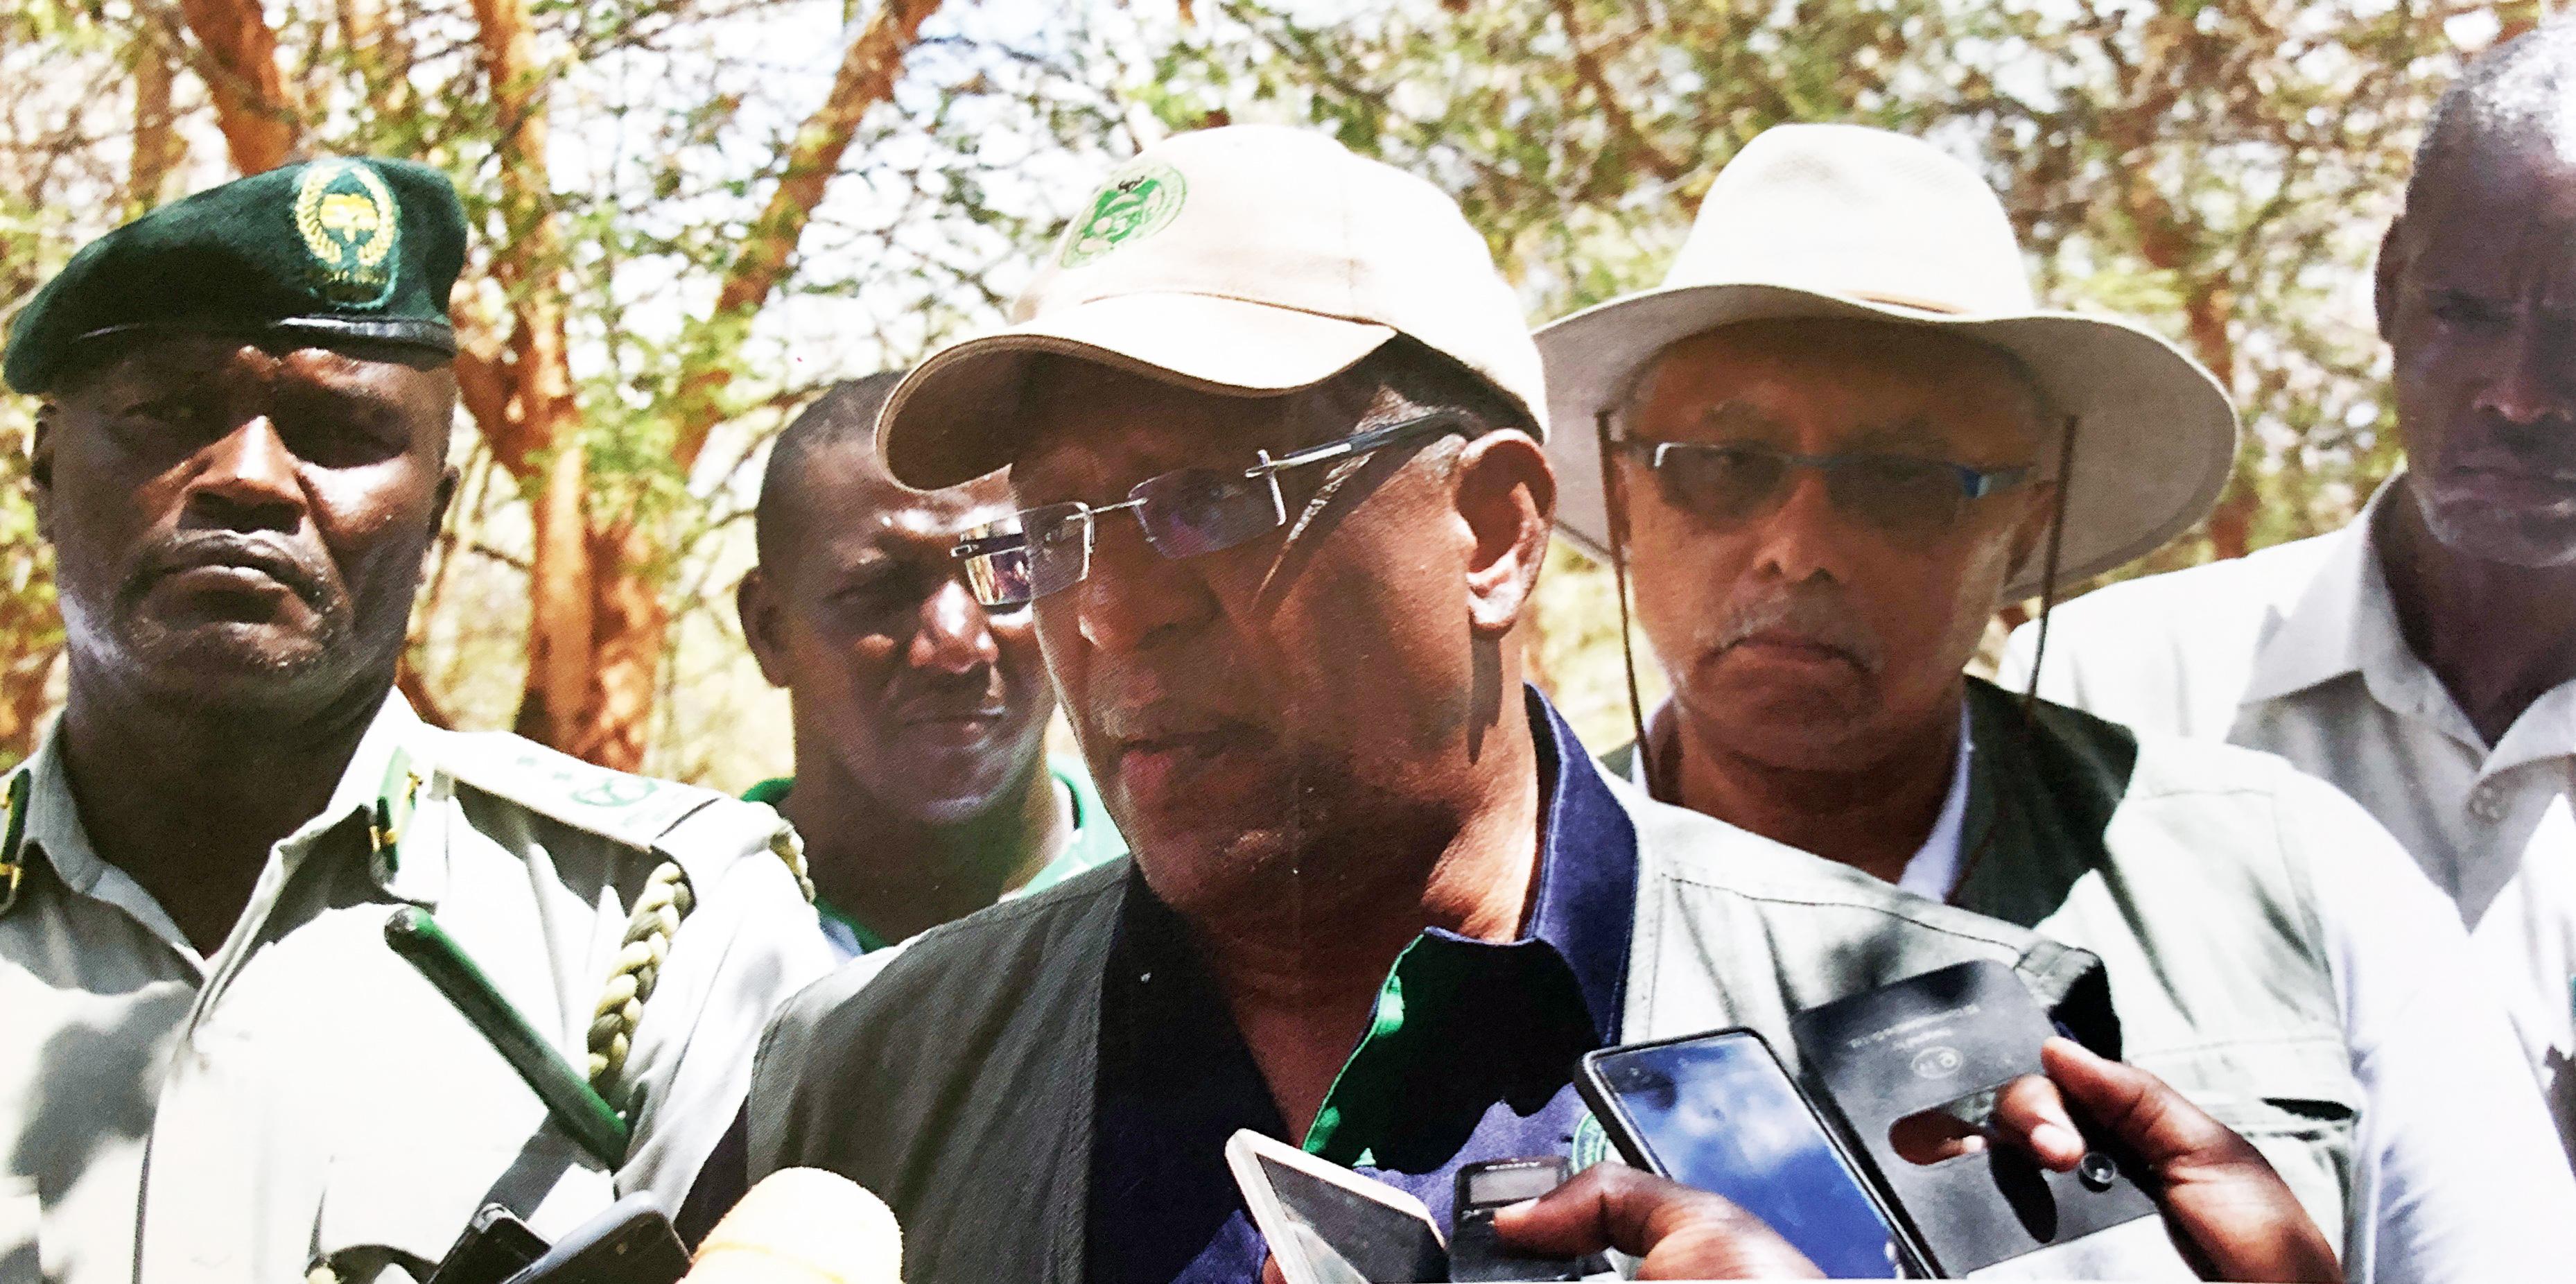 VIP visit to Kiambere